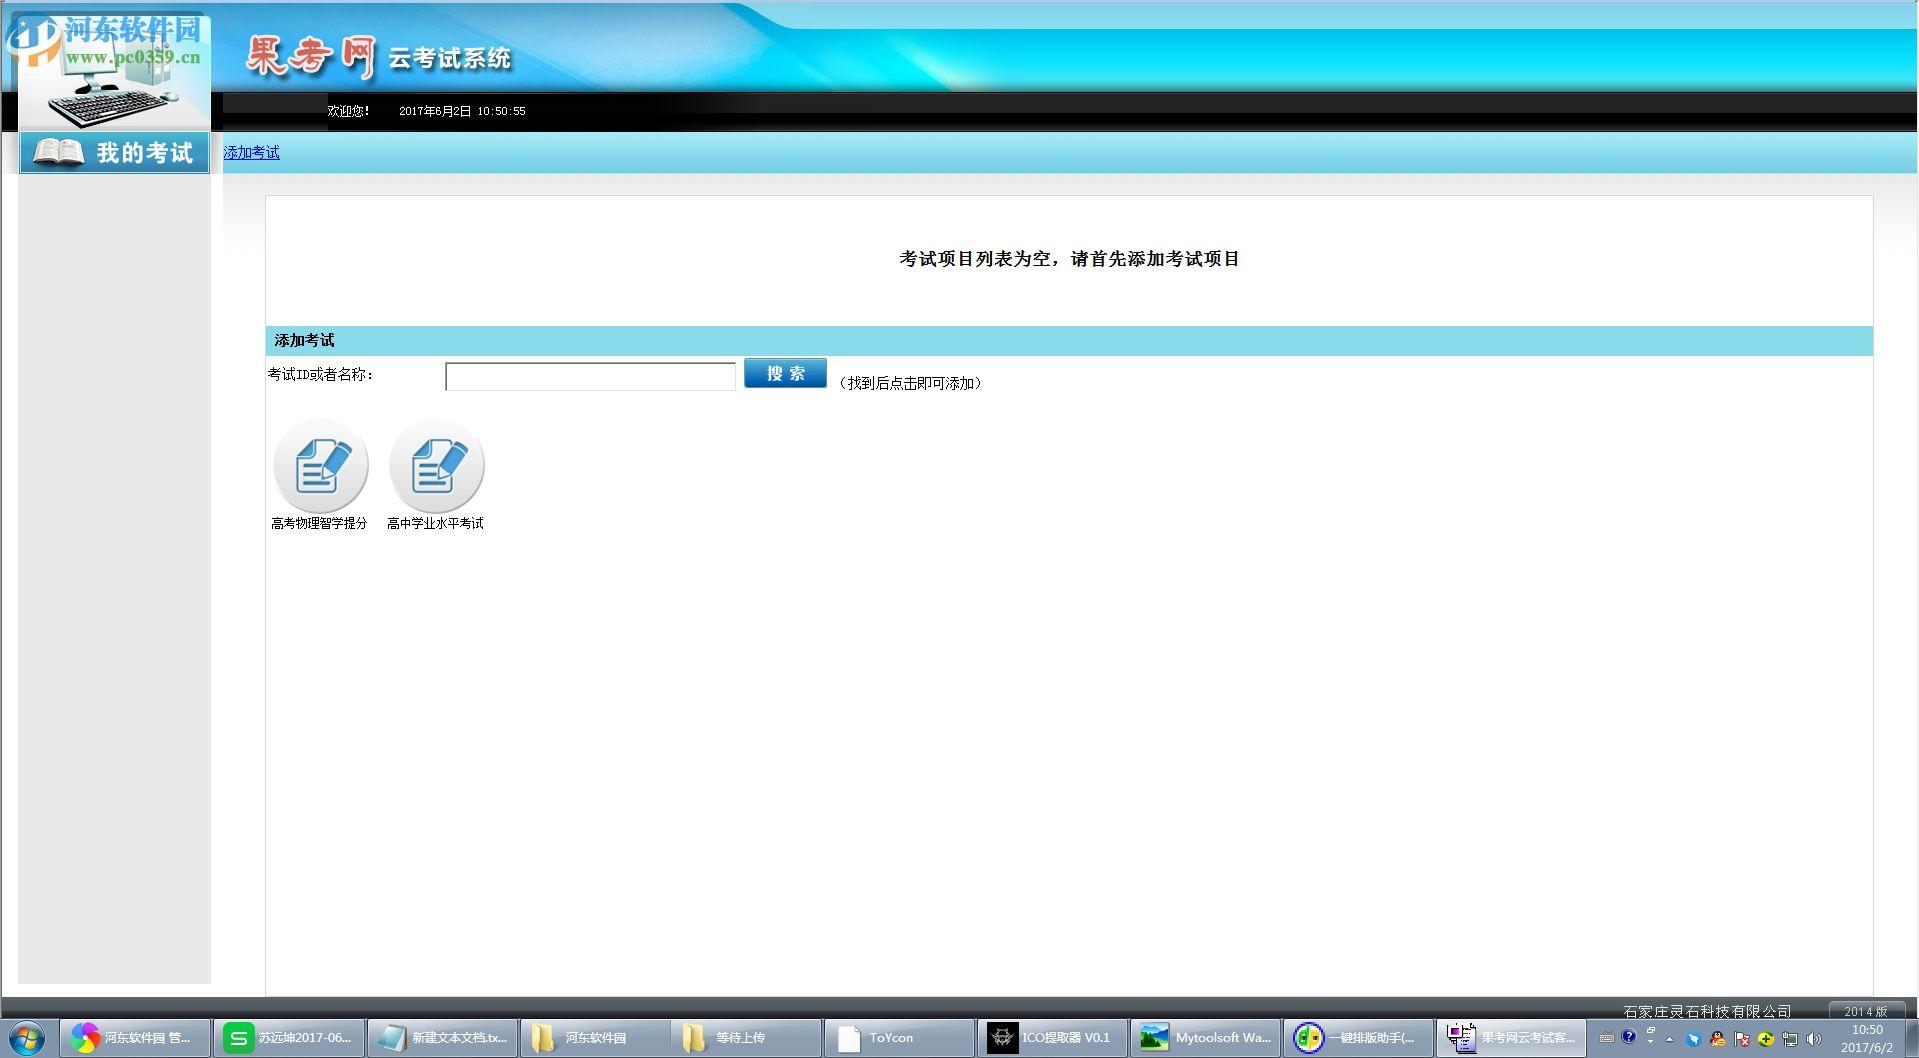 果考网云考试客户端下载 20170401 官方版